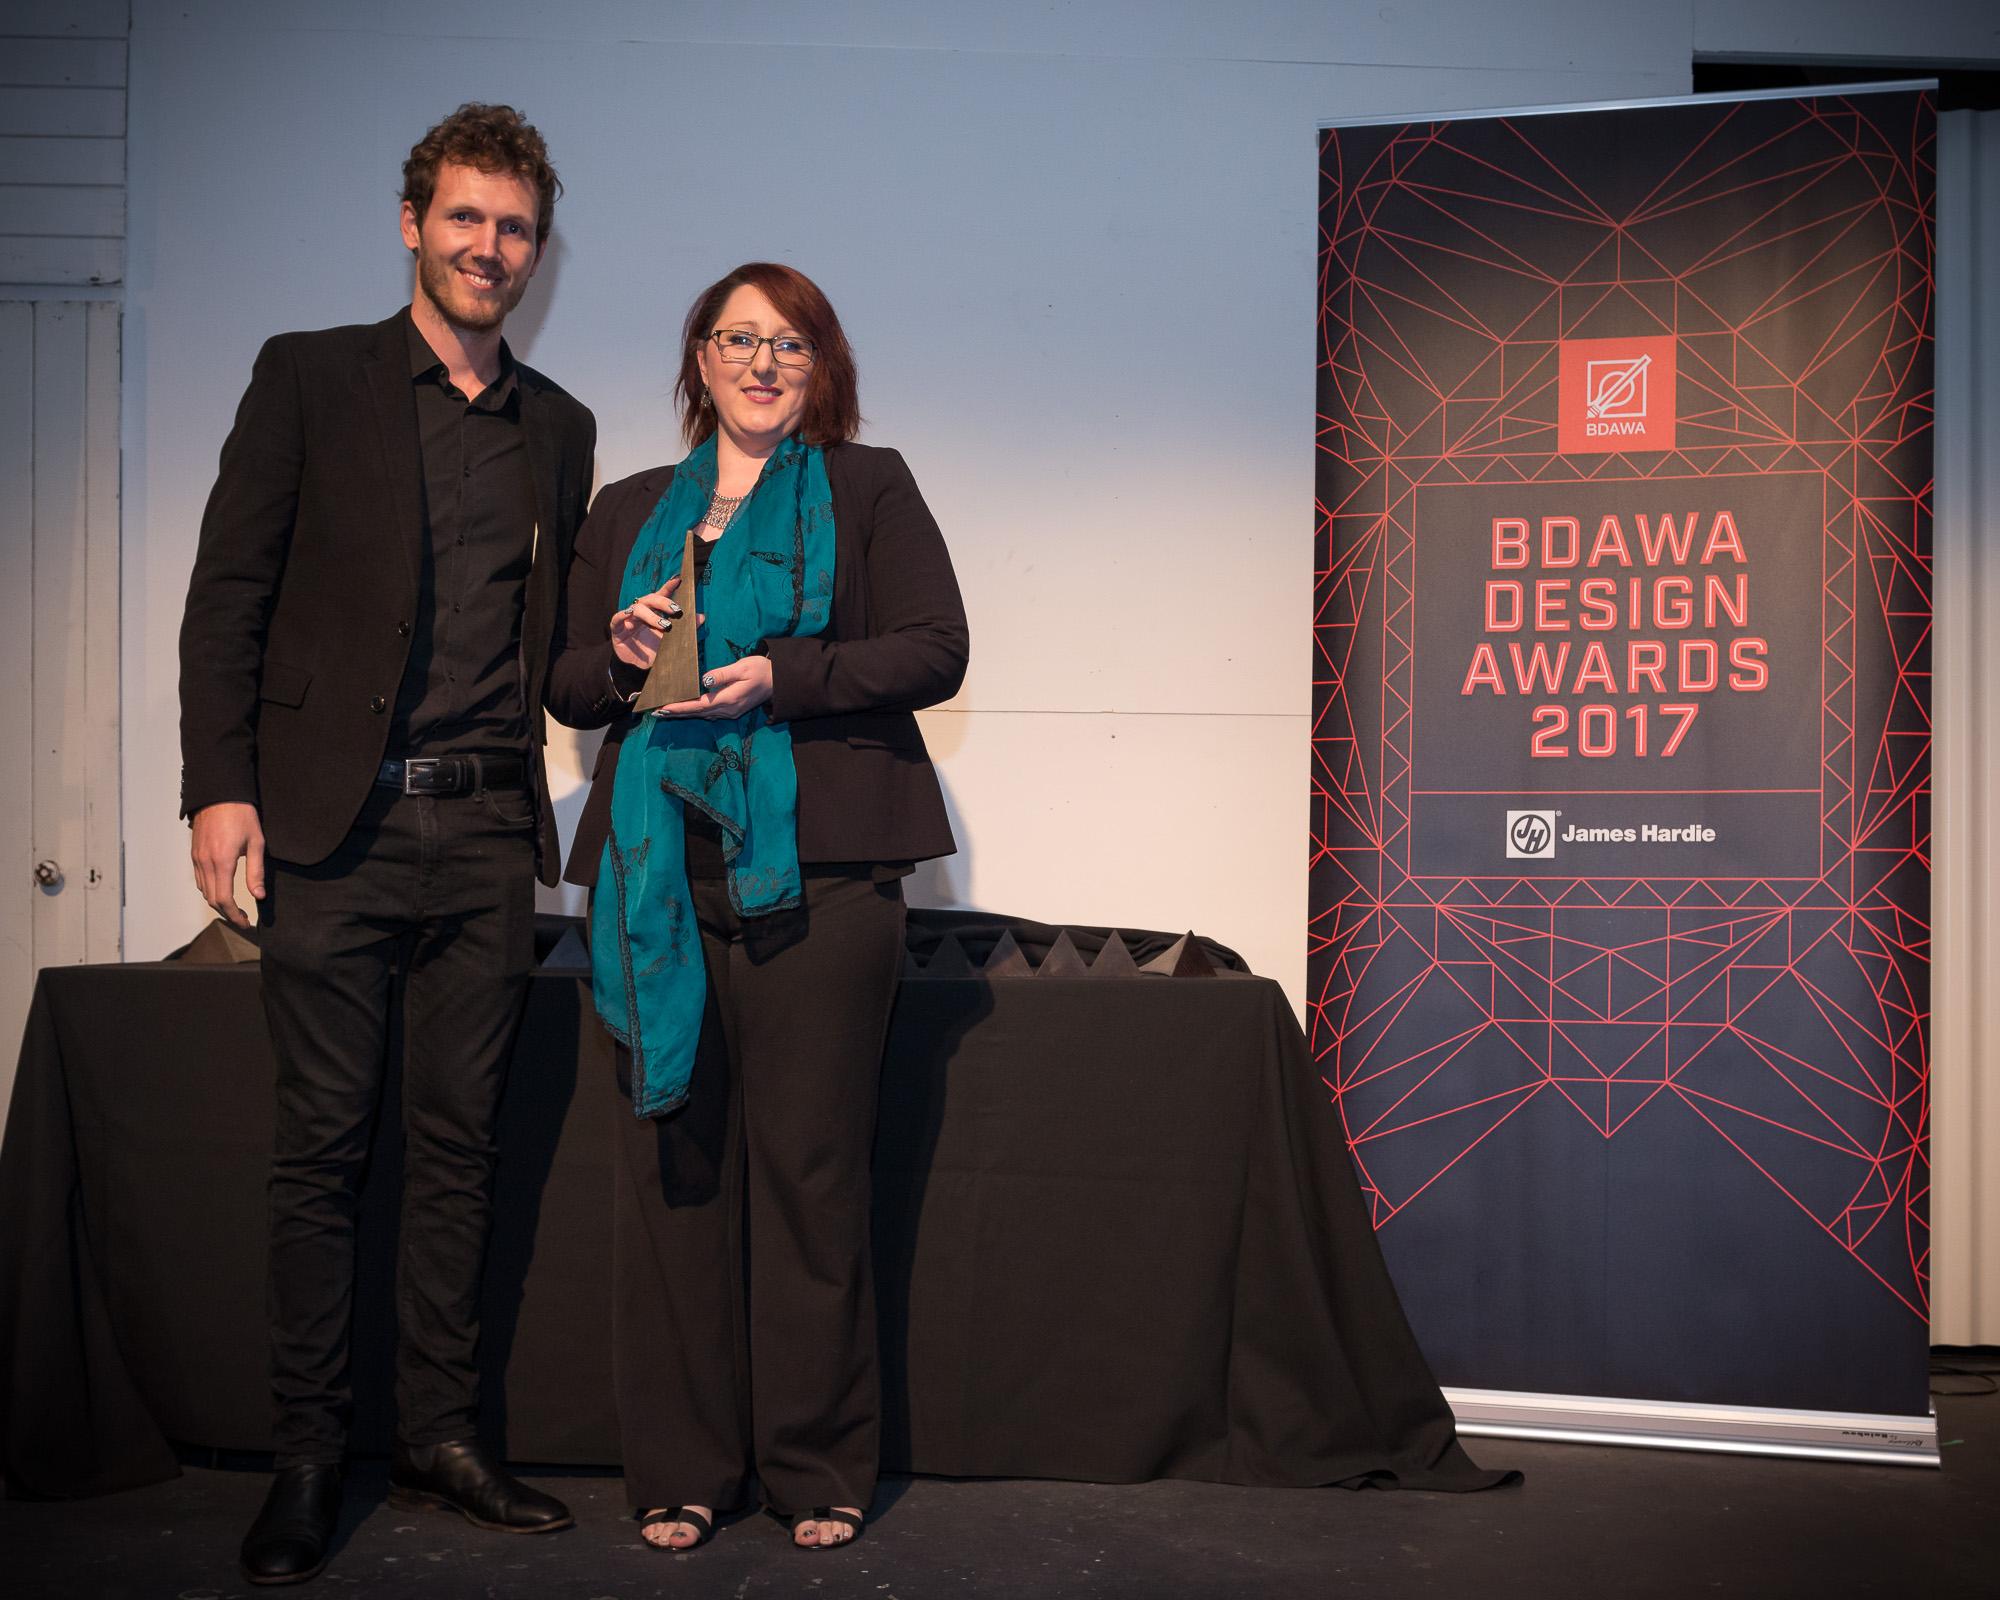 0155 BDA WA Awards 2017 _JHG7410.jpg